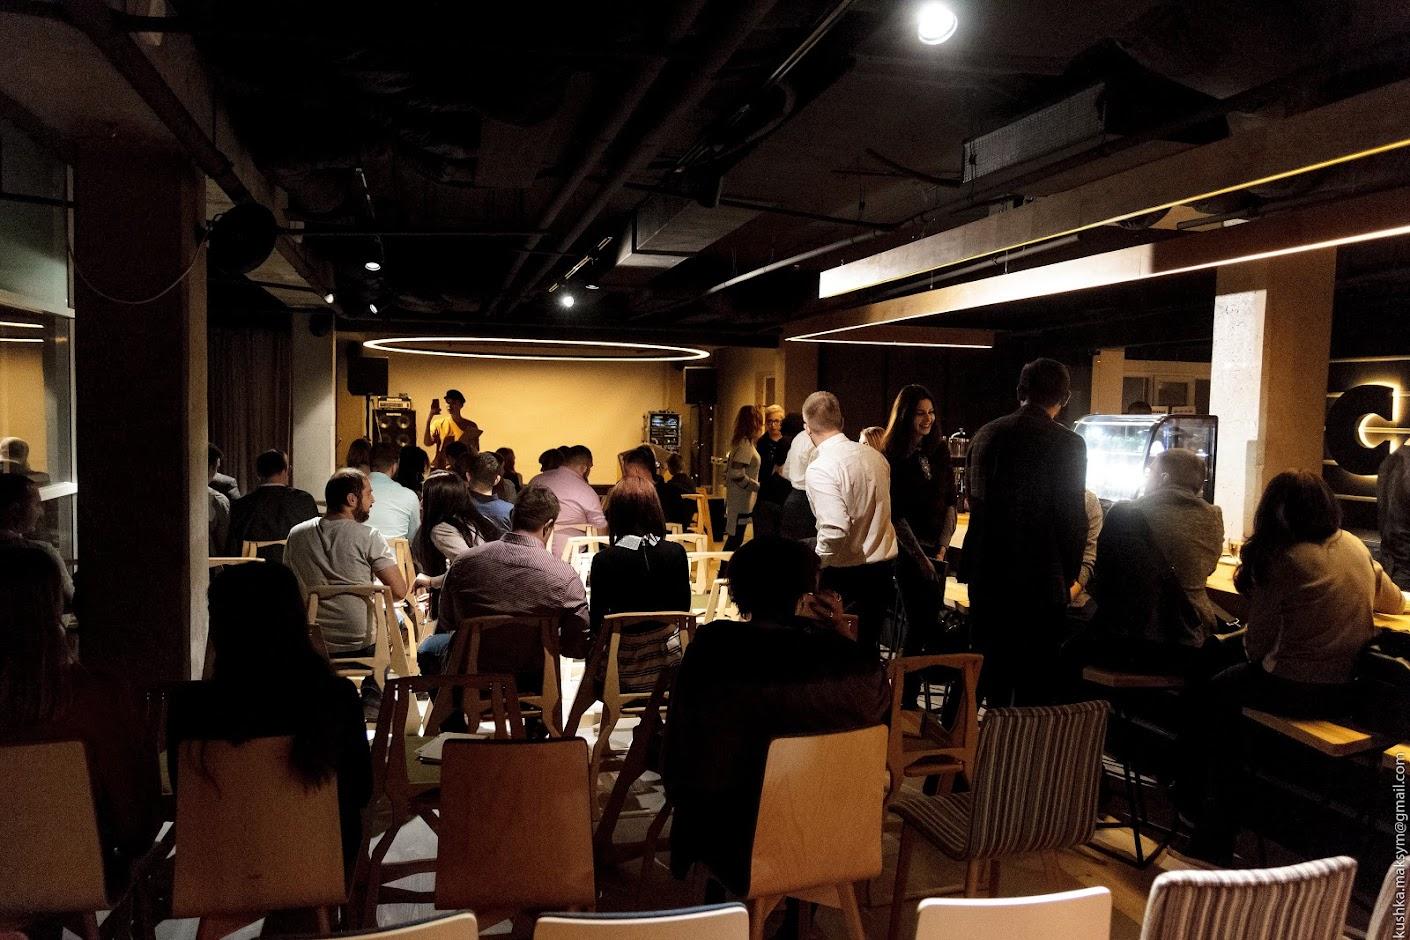 На даху вінницького світу: у місті відкрився інтелектуальний простір для творчих людей #CHERDAK